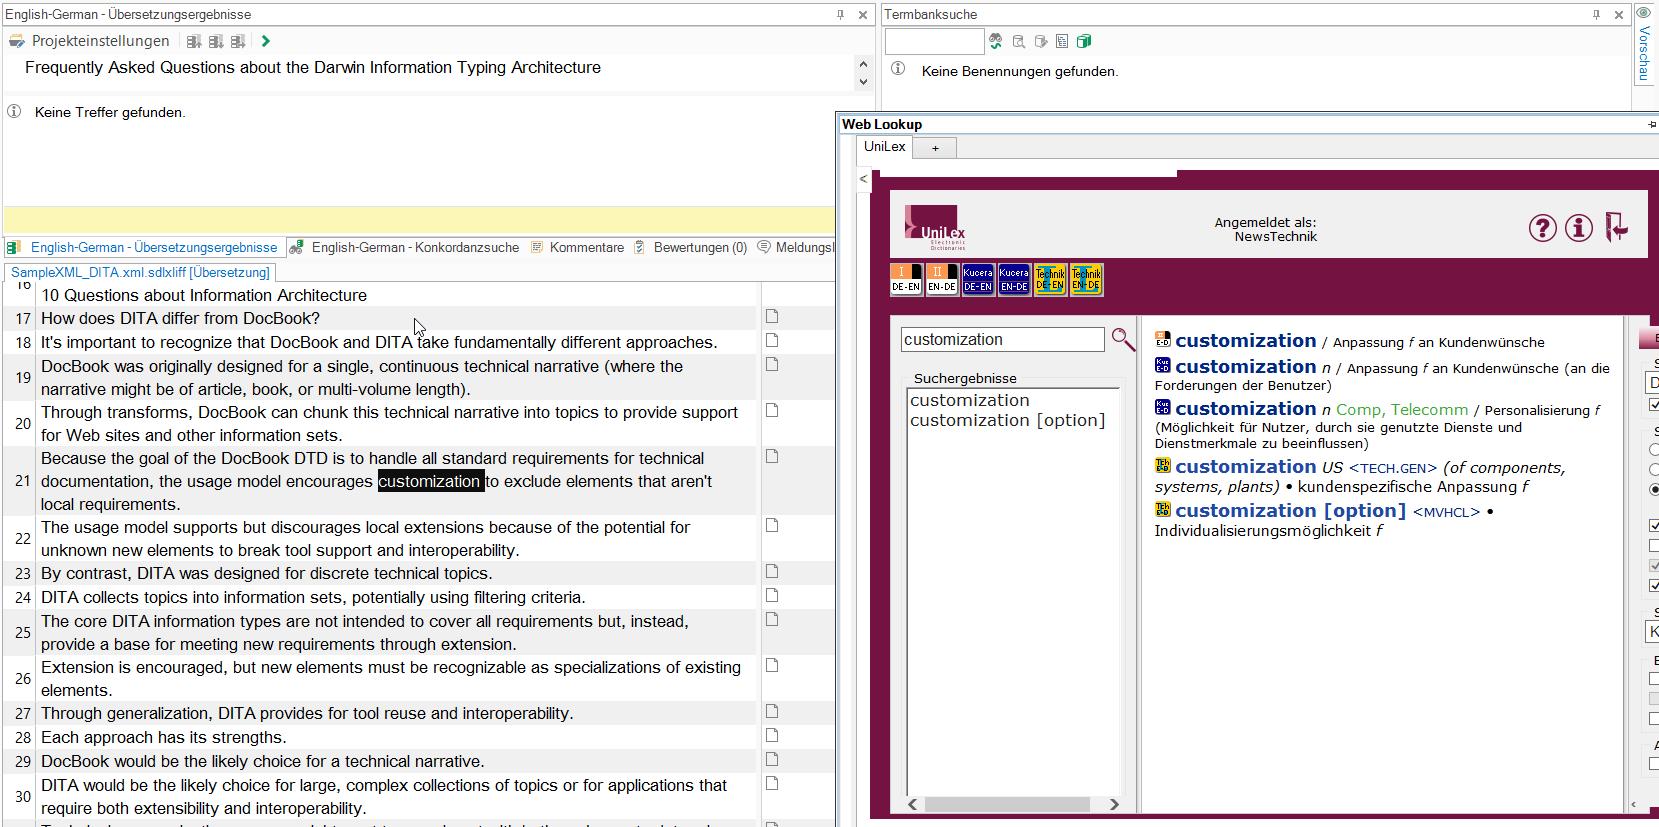 Nachschlagen aus SDL Web Lookup heraus